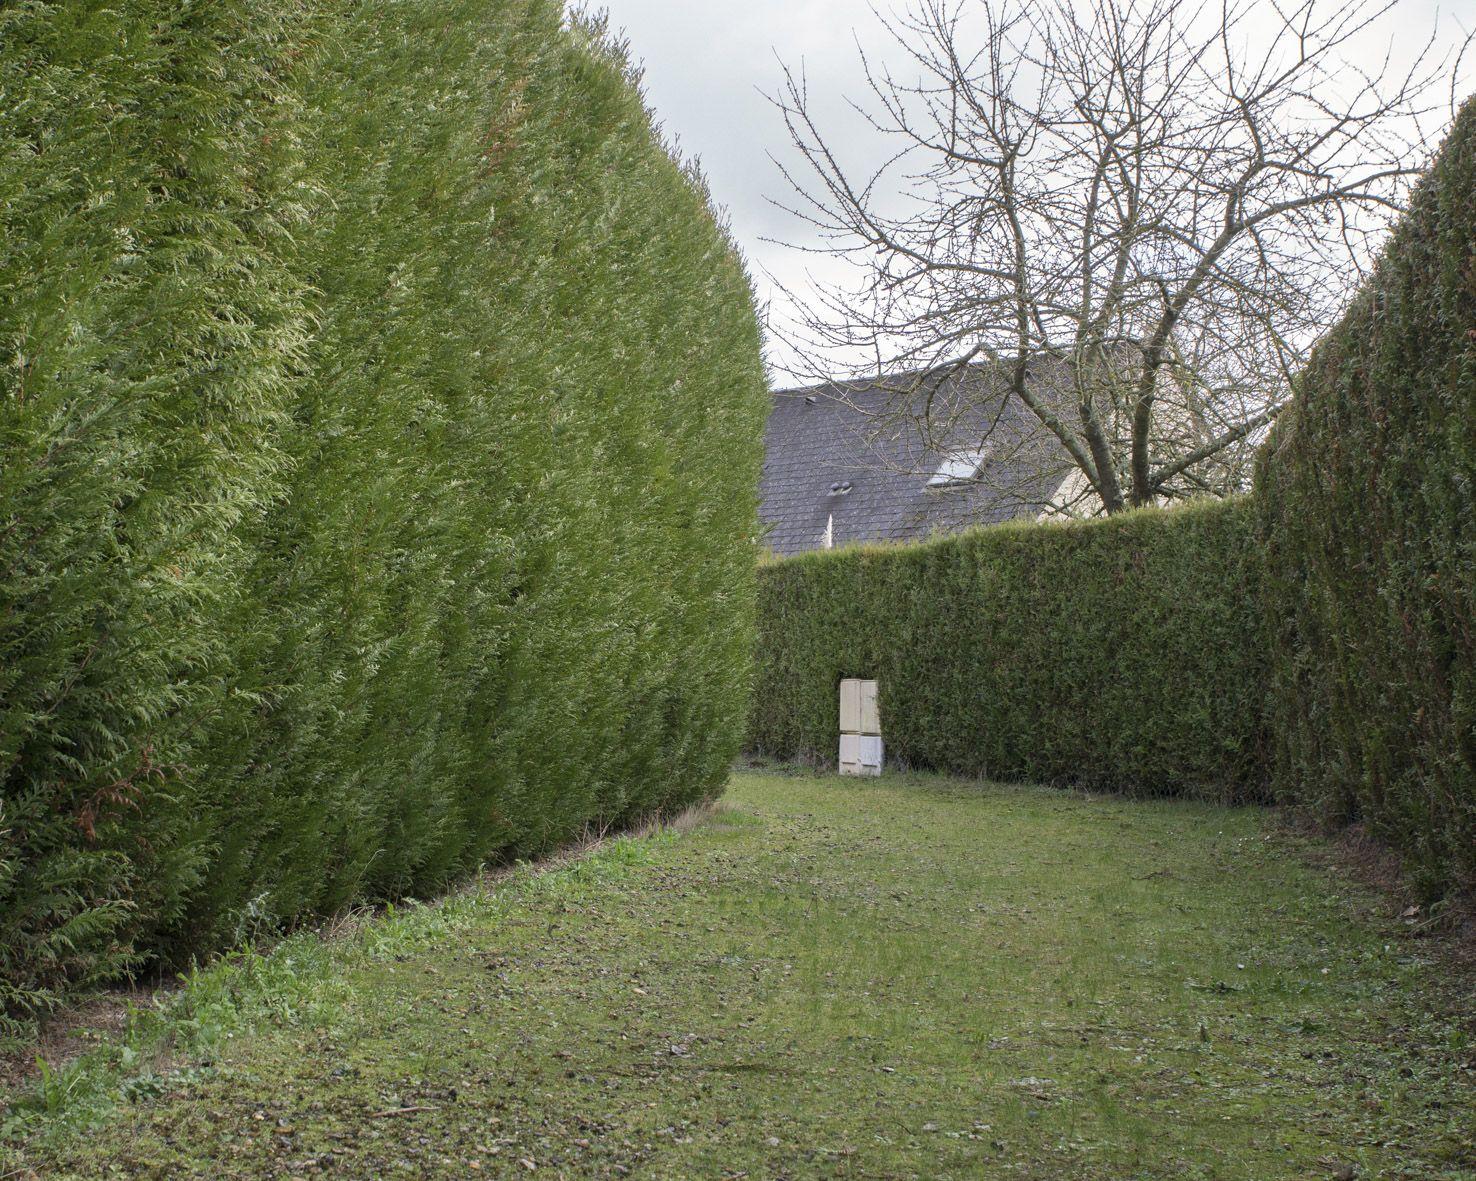 m.dearing-la-09-un-passage-entre-des-pavillons-5c46962800e9b522de9e9683137a7ed8